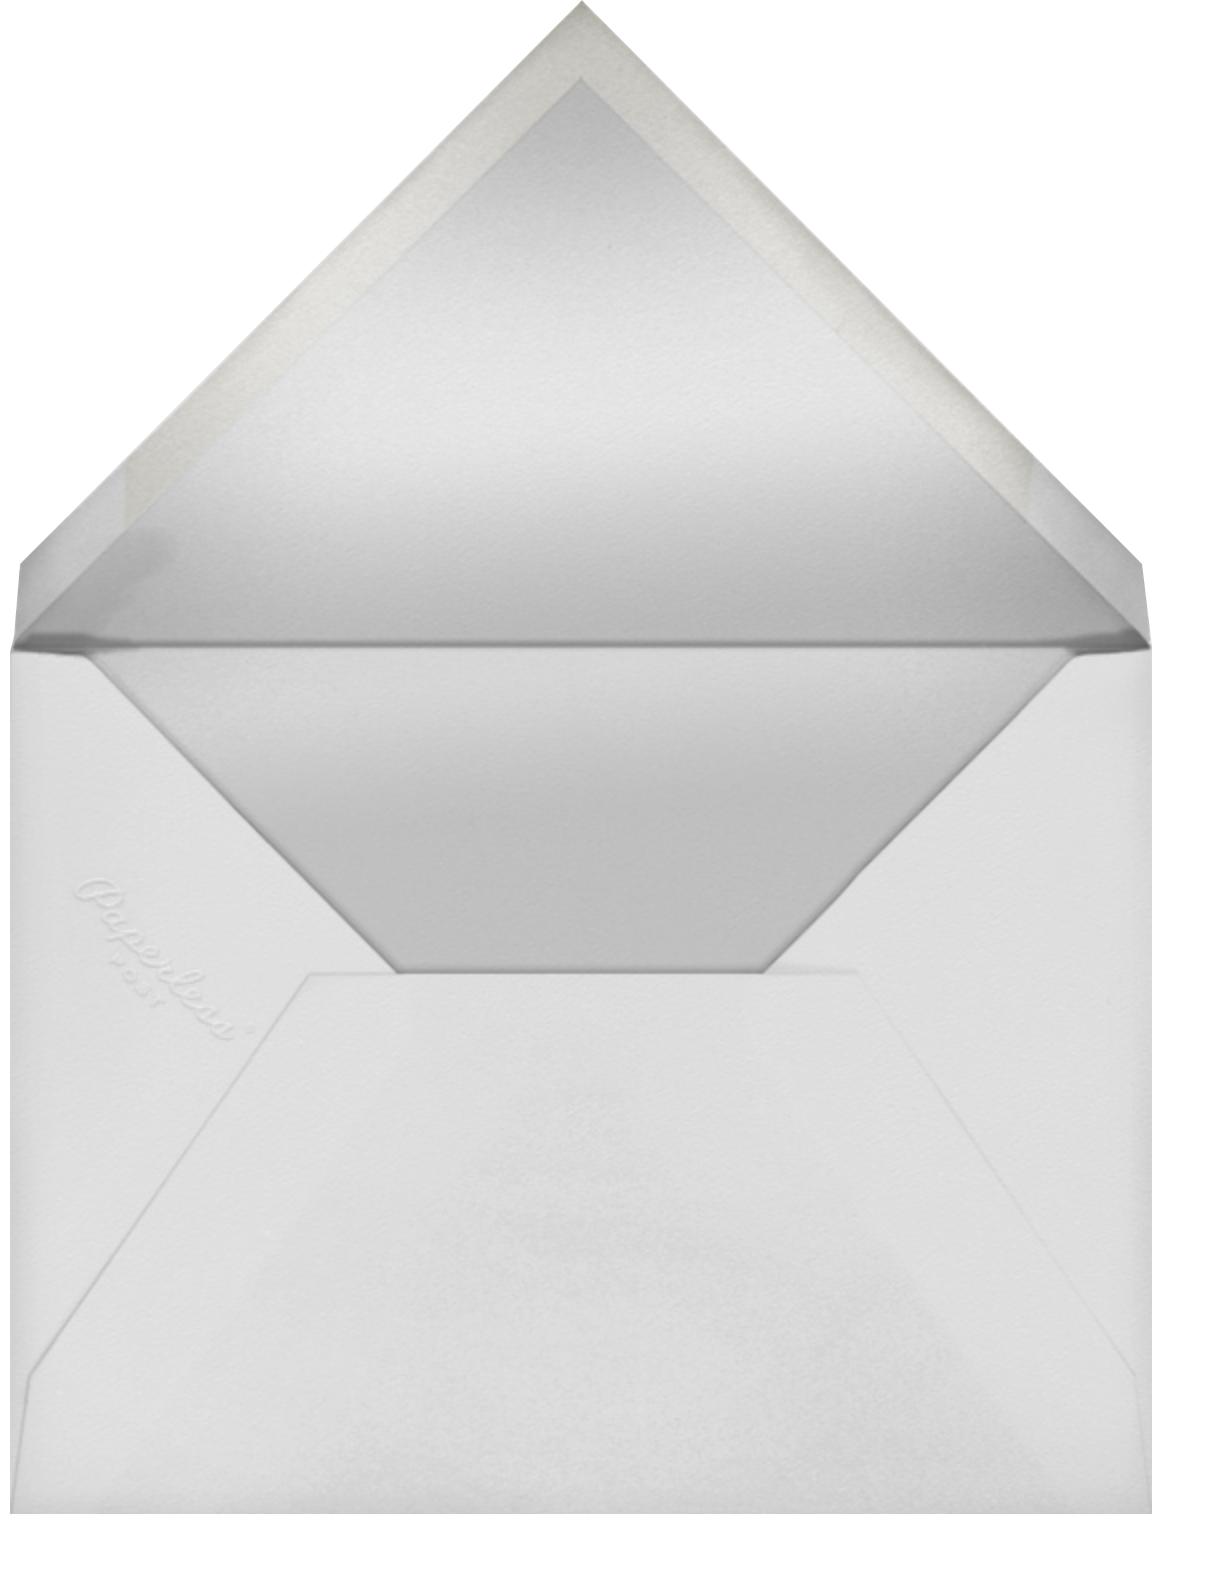 Tisbury (Menu) - Linda and Harriett - Menus - envelope back